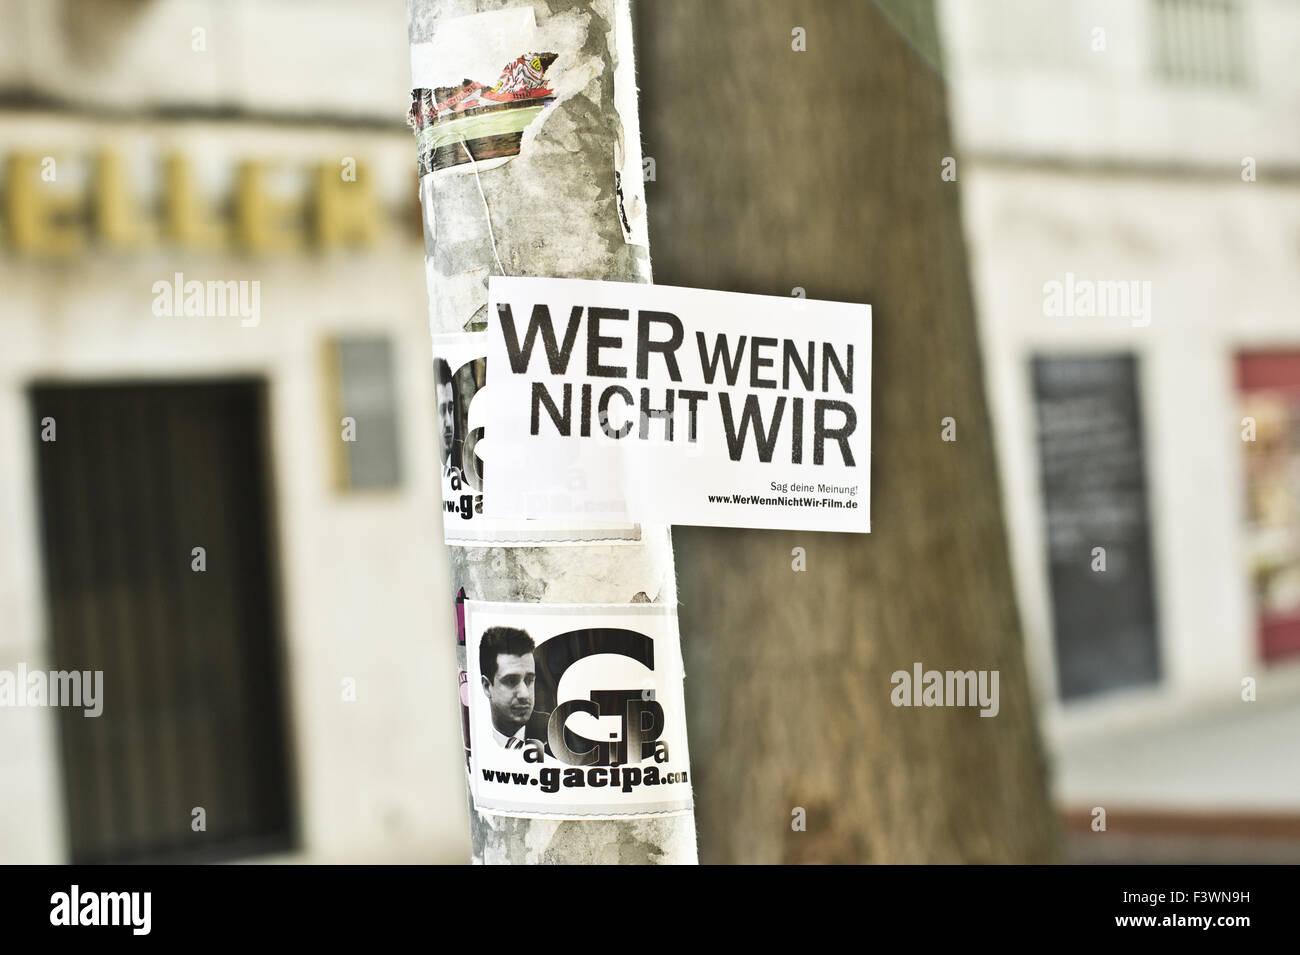 wer wenn nicht wir, movie by andreas veiel - Stock Image